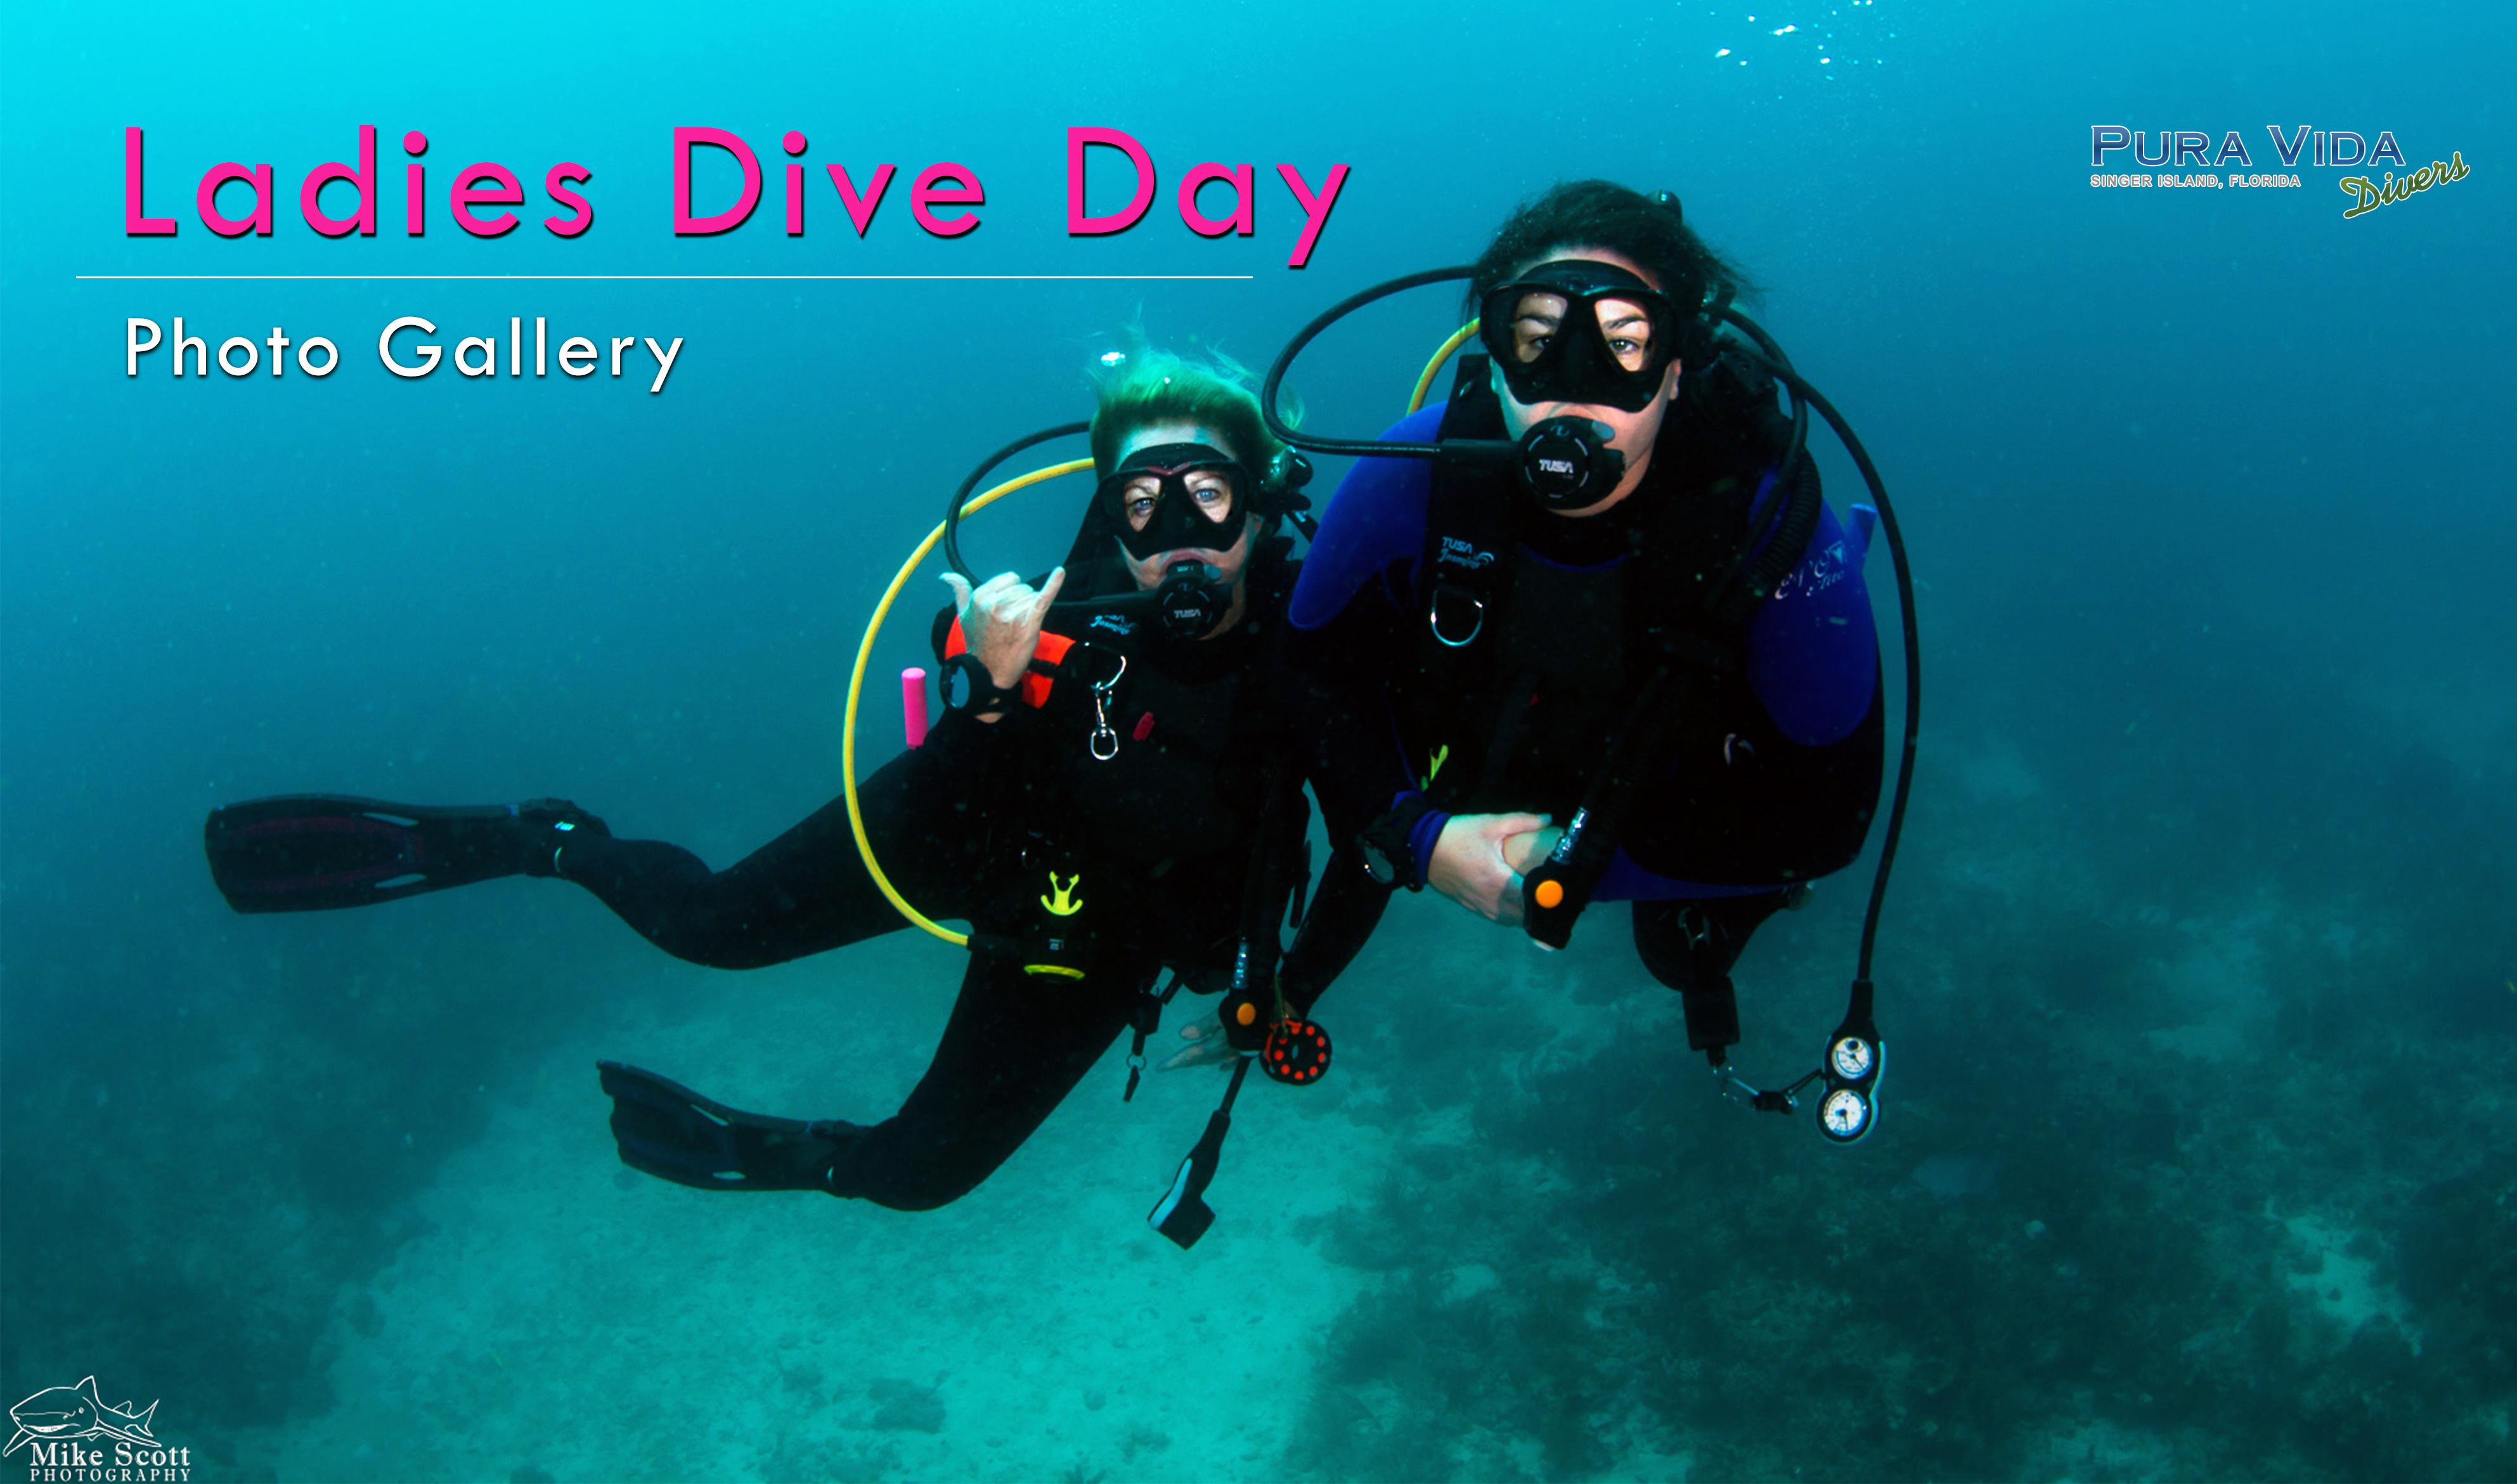 Pura vida divers discover south florida scuba diving ladies dive day photo gallery xflitez Images